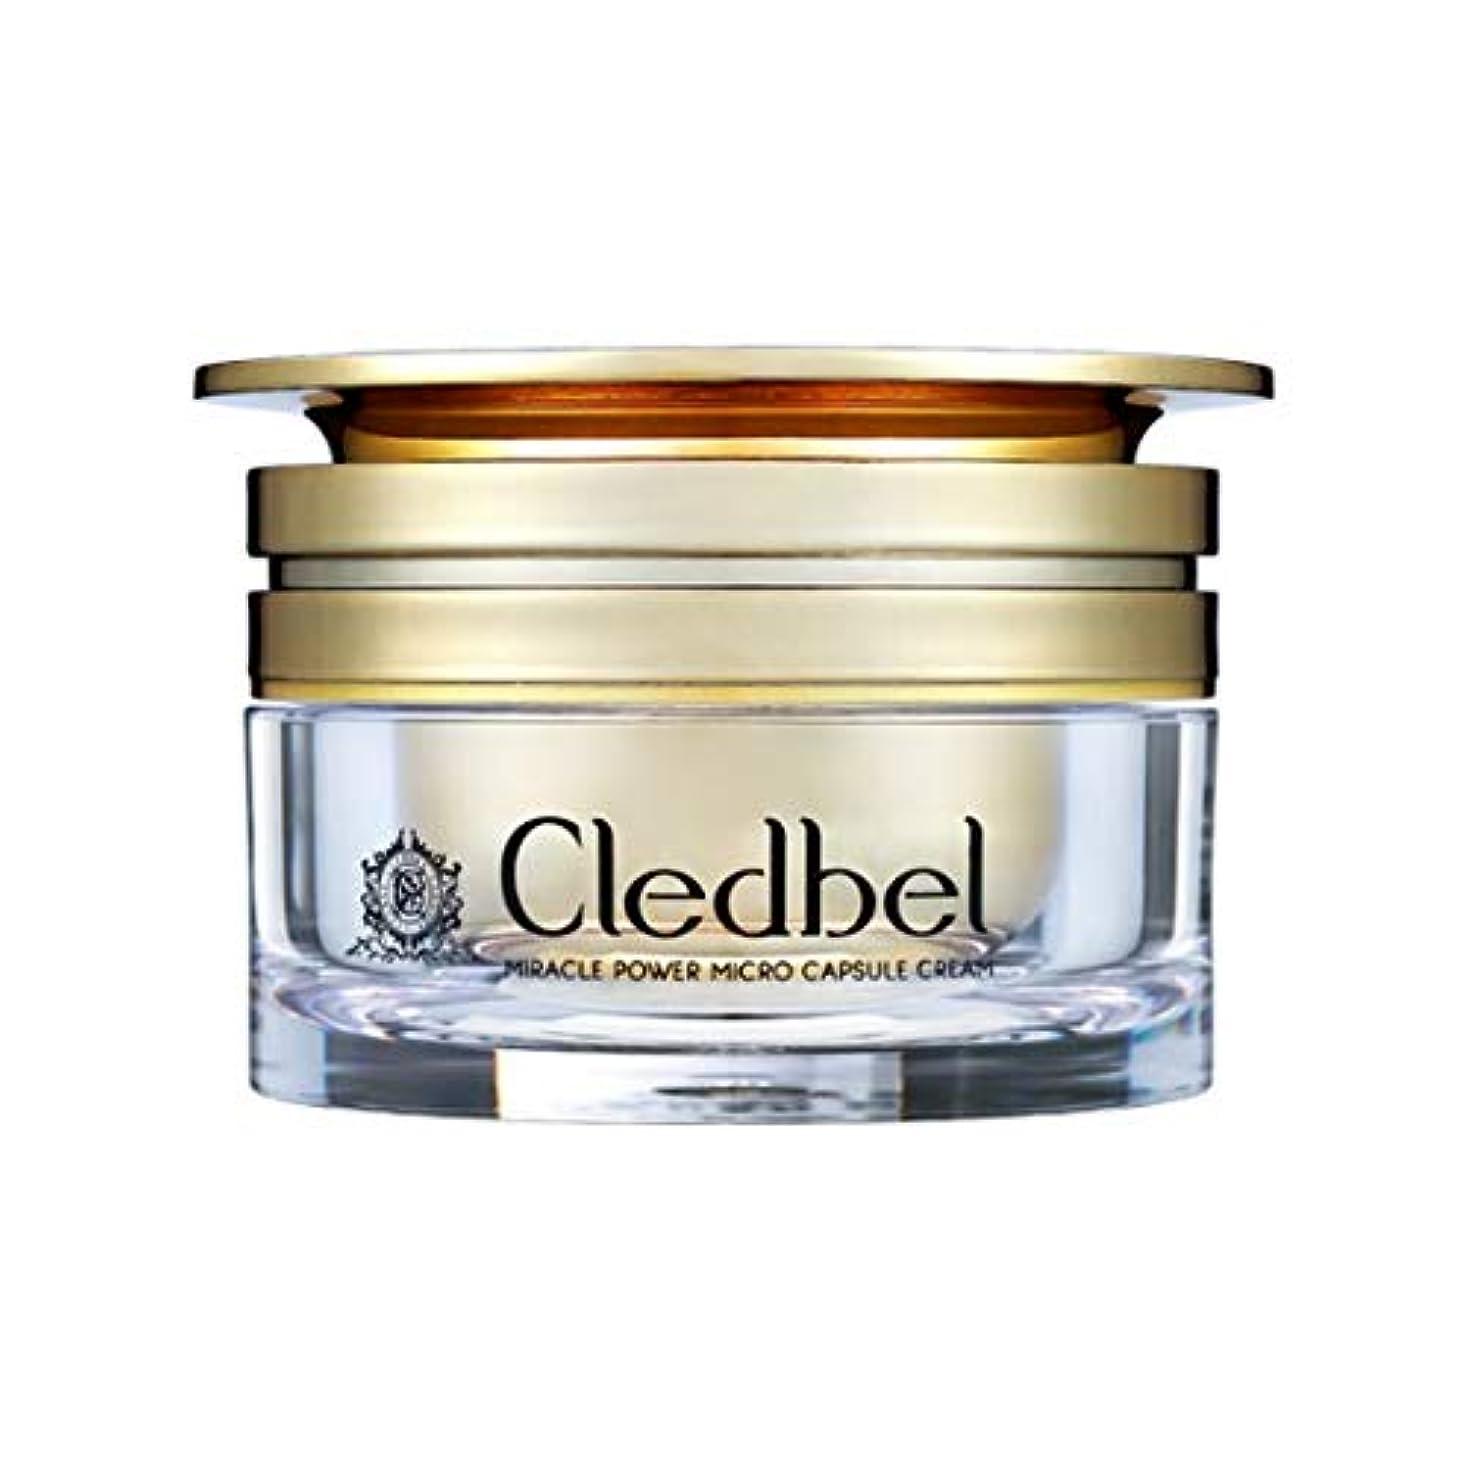 子孫雇用慣らす[cledbel] Miracle Power Micro Capsule Cream 50ml / ミラクルパワーマイクロカプセルクリーム 50ml [並行輸入品]